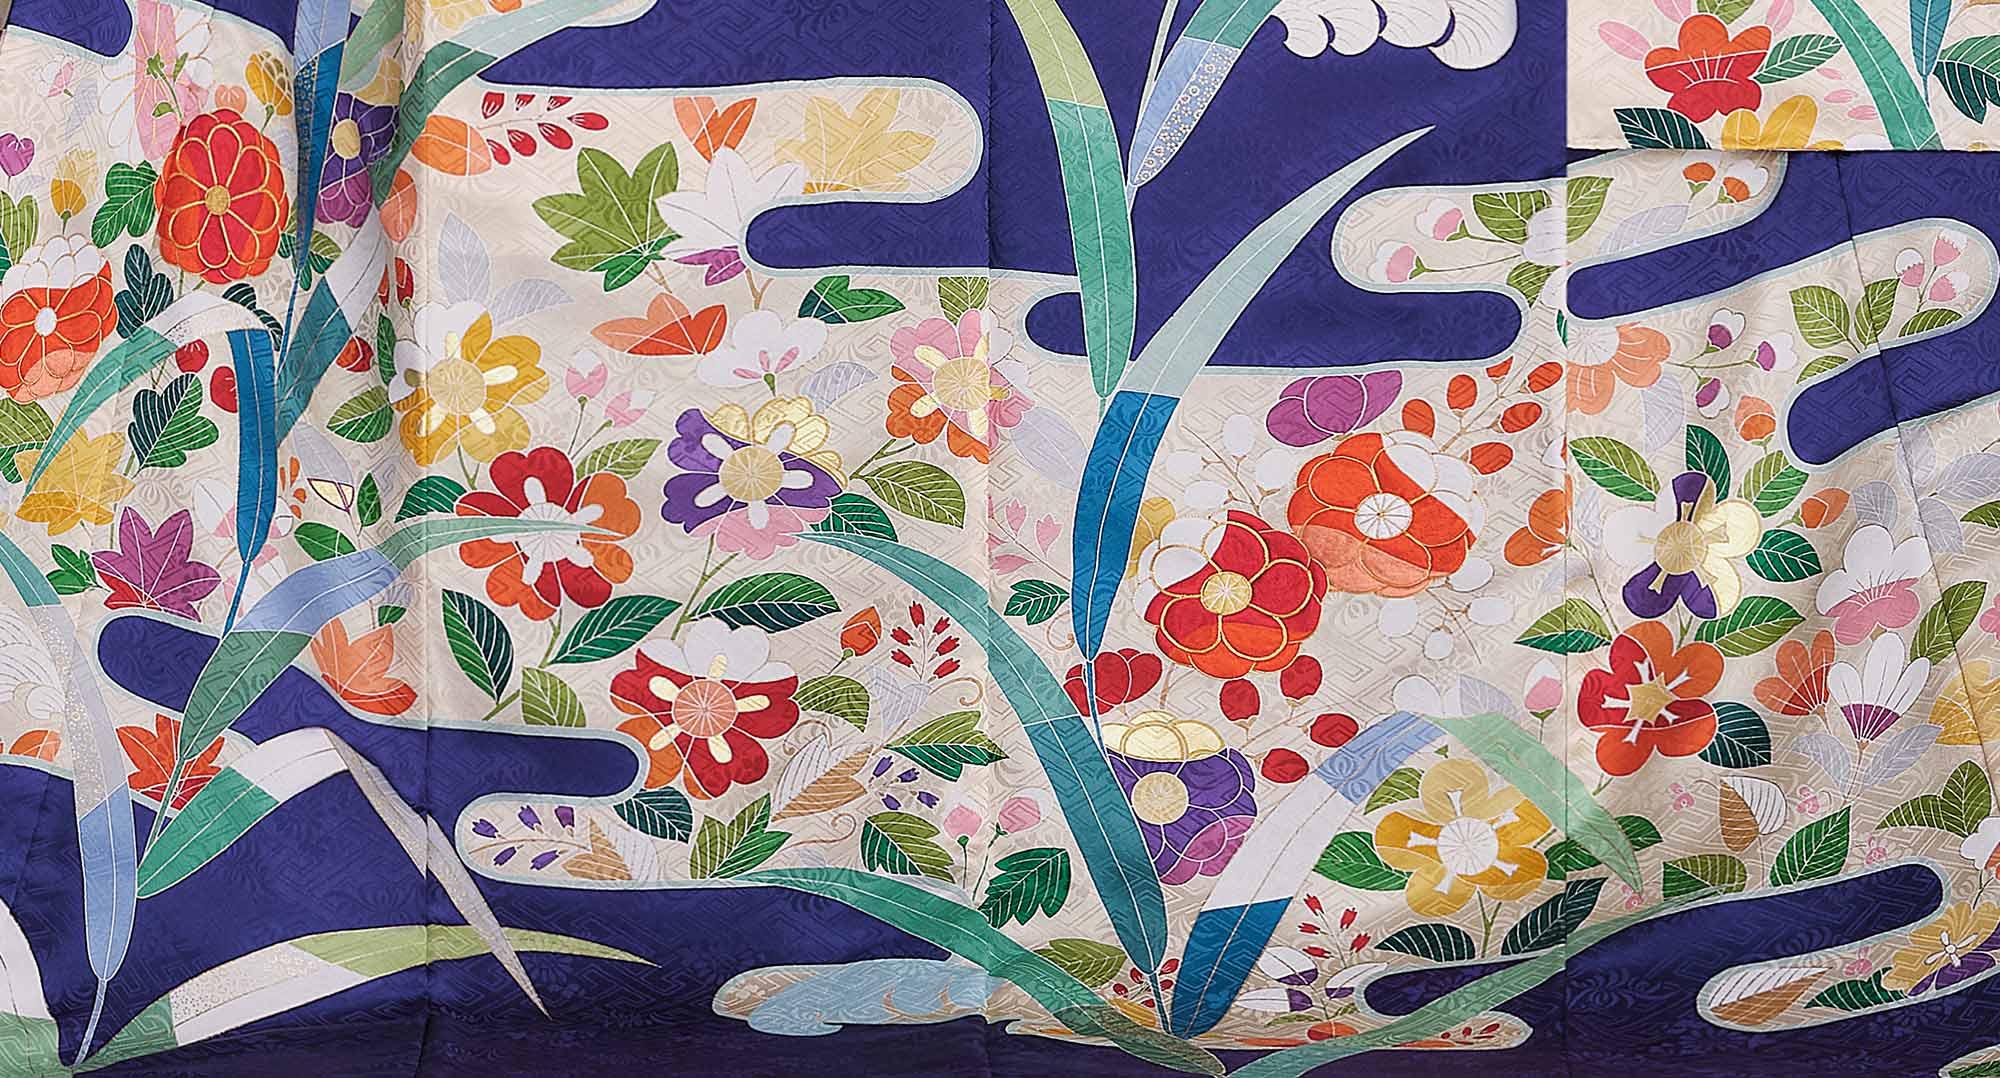 霞取りの中に桃山調の草花が優美に表現されている